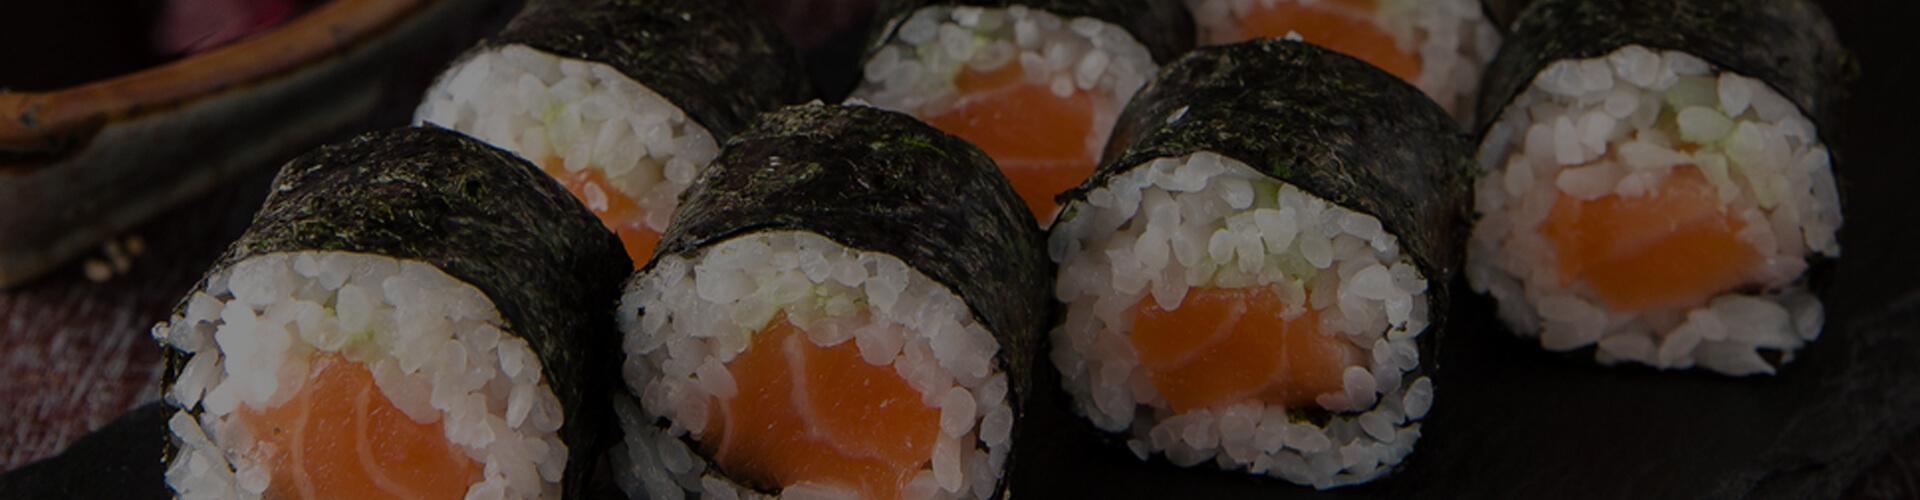 Maki | Wasabi Sushibar